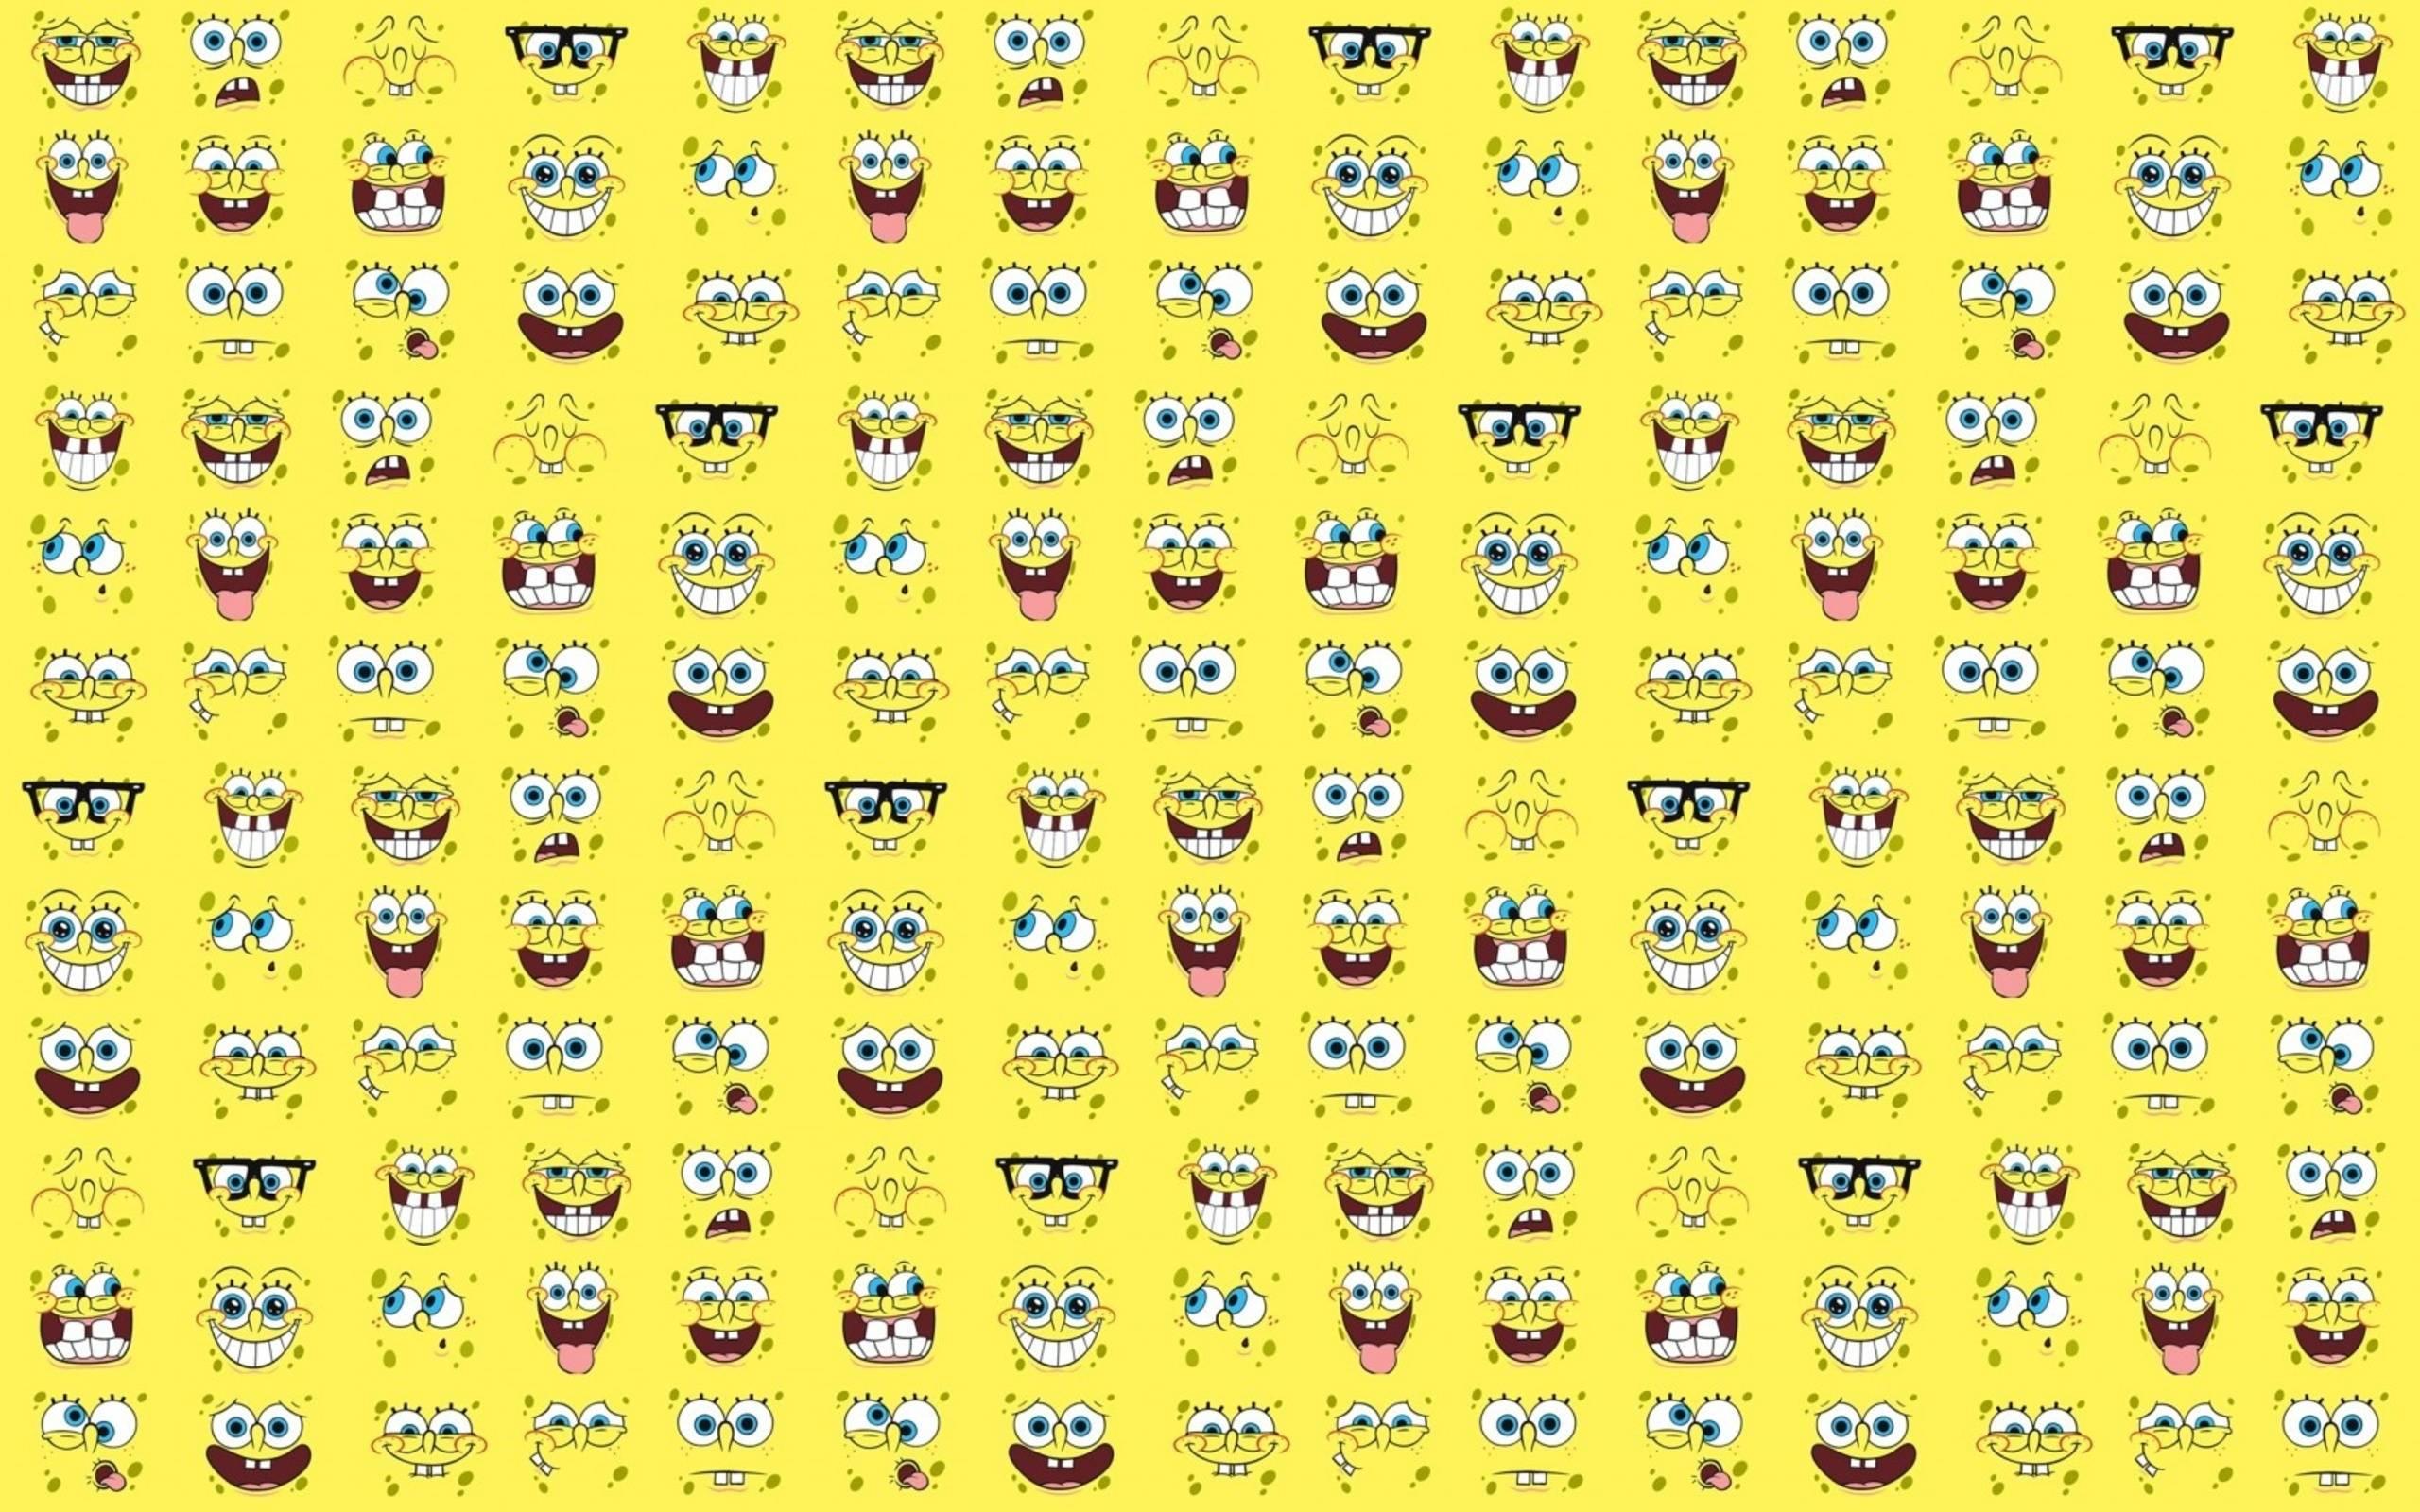 Spongebob Squarepants Faces Wallpaper « wallpafar.com